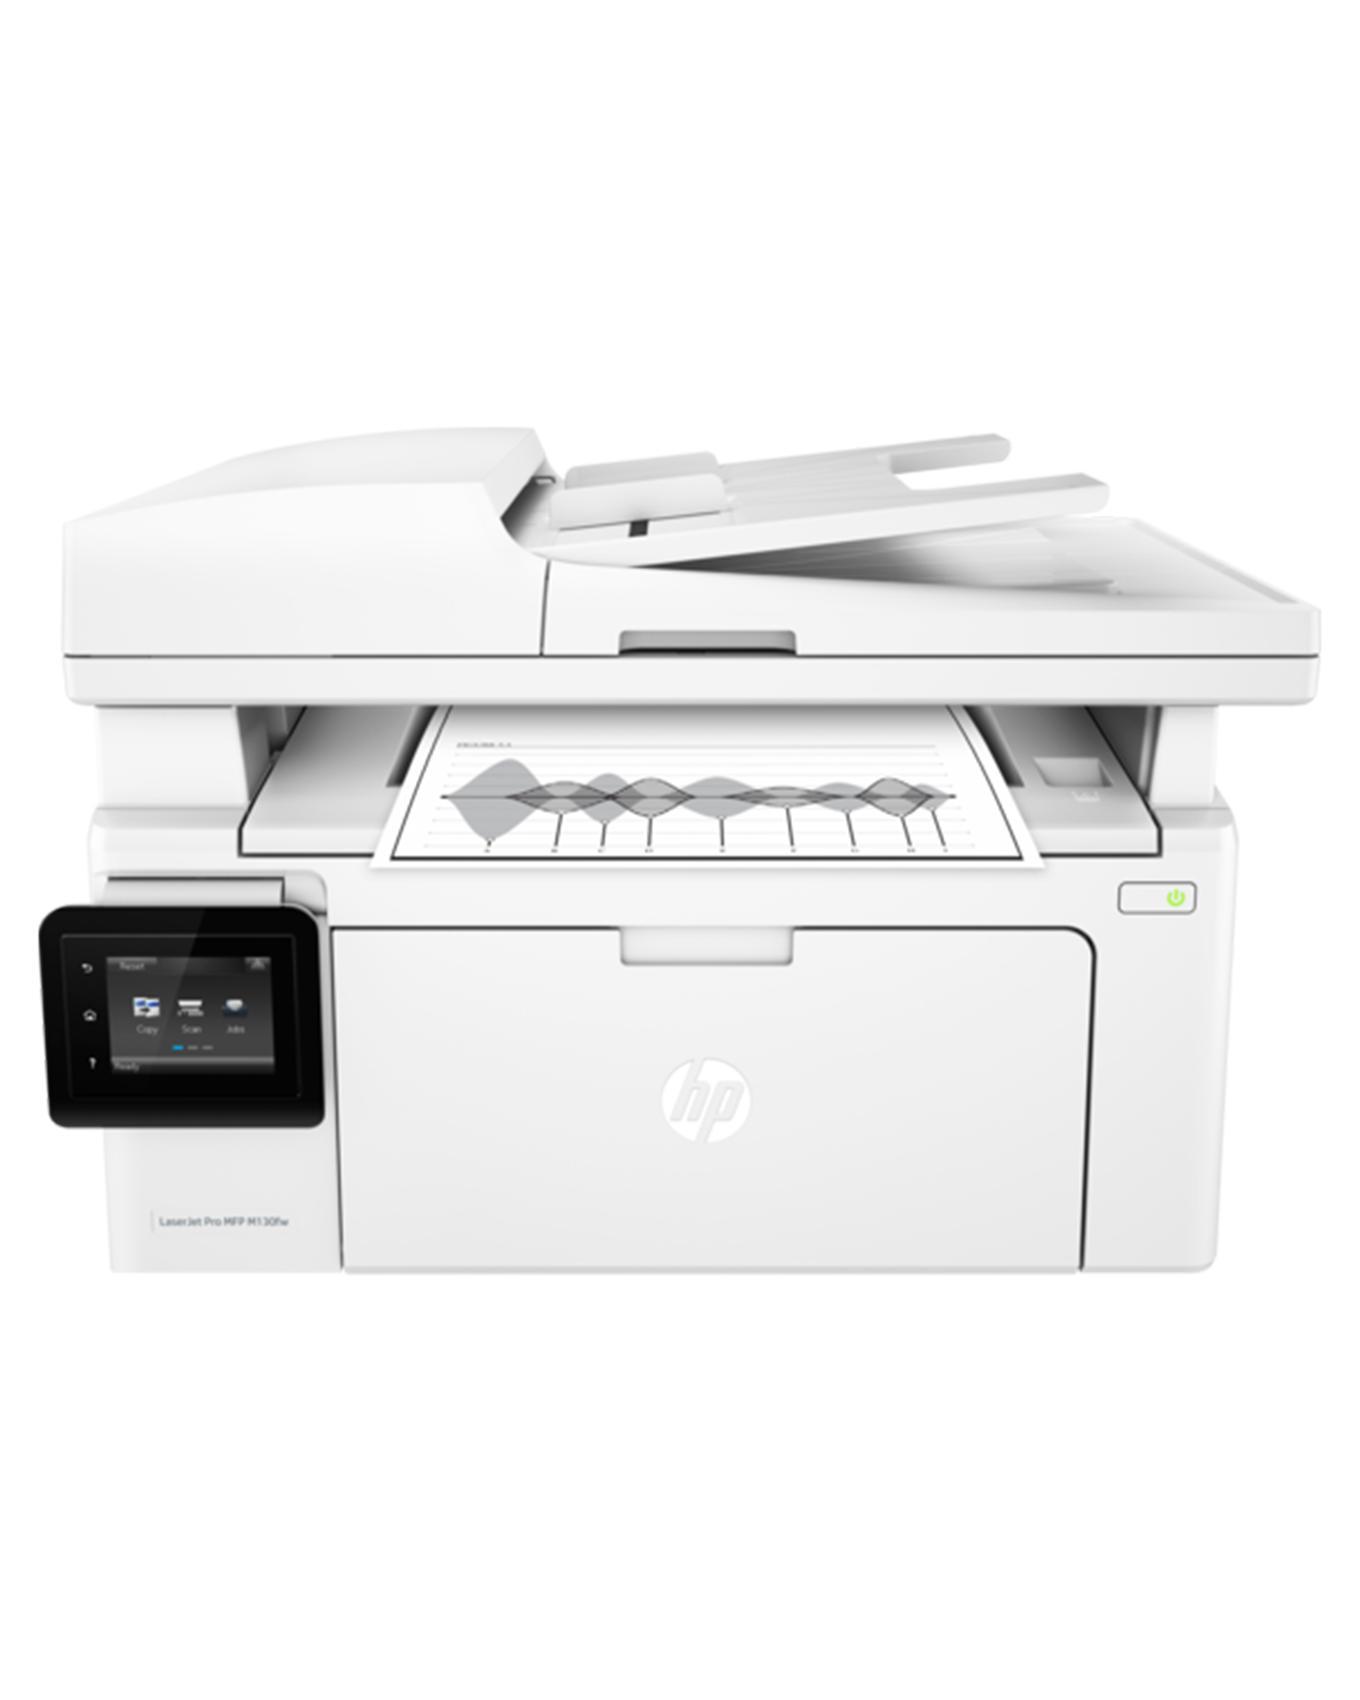 Laserjet Pro Mfp 3 In1 Printer White